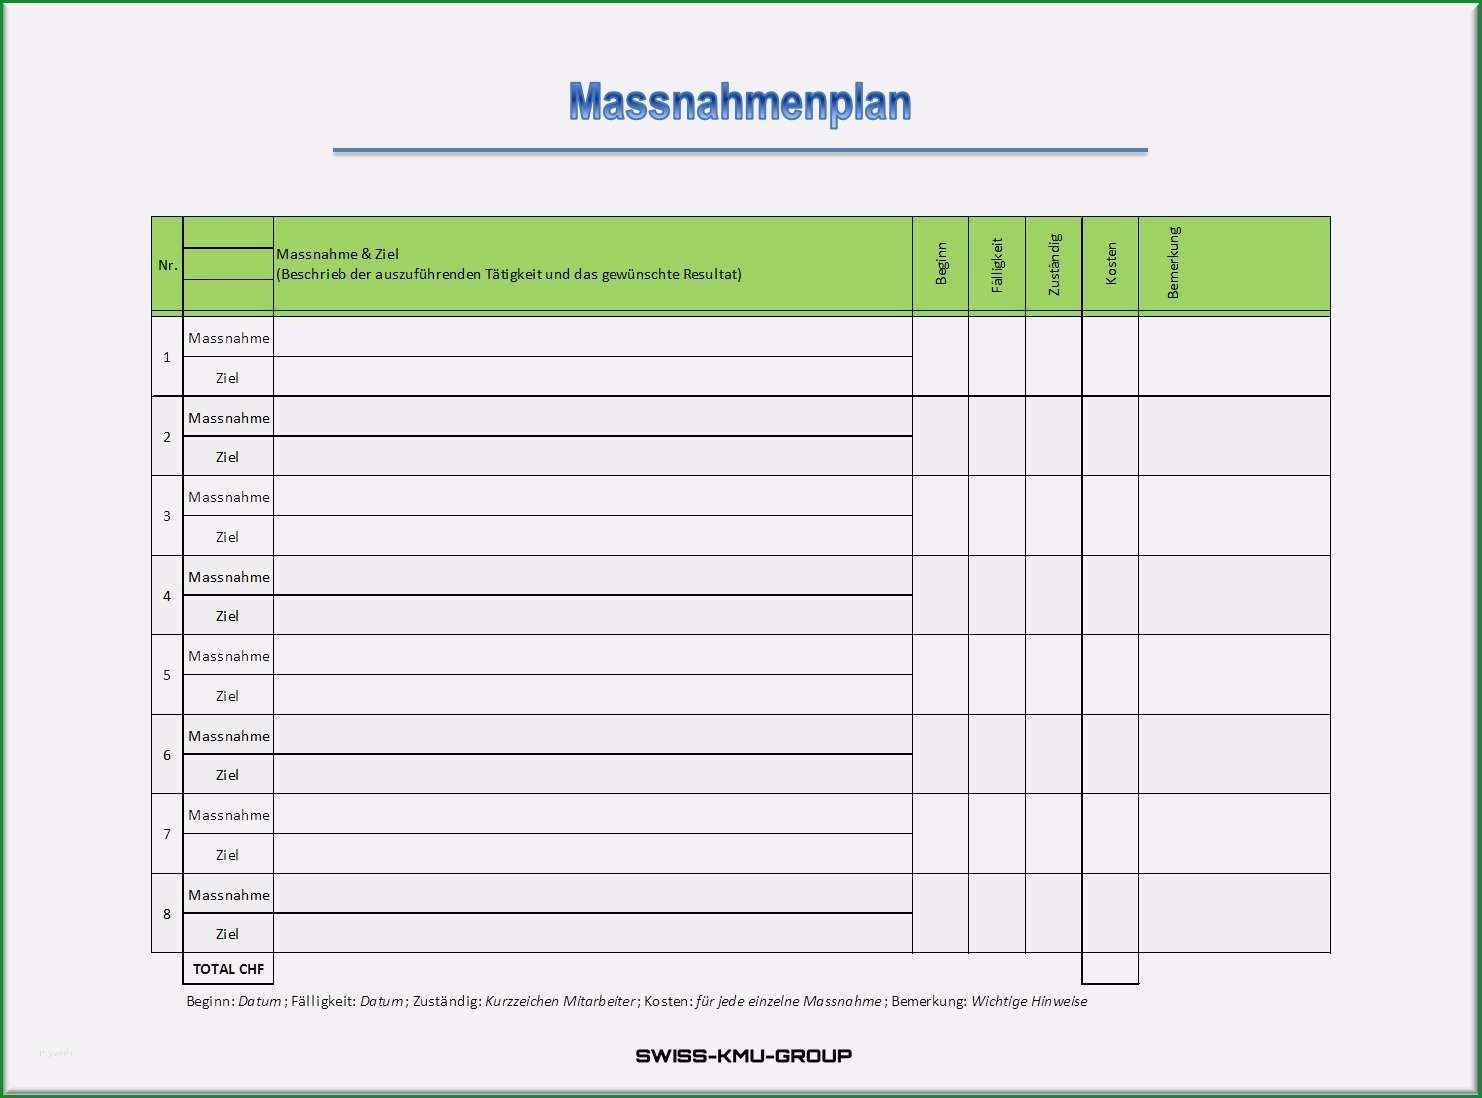 marketing masnahmenplan vorlage wunderbar businessplan online massnahmenplan beispiel 1